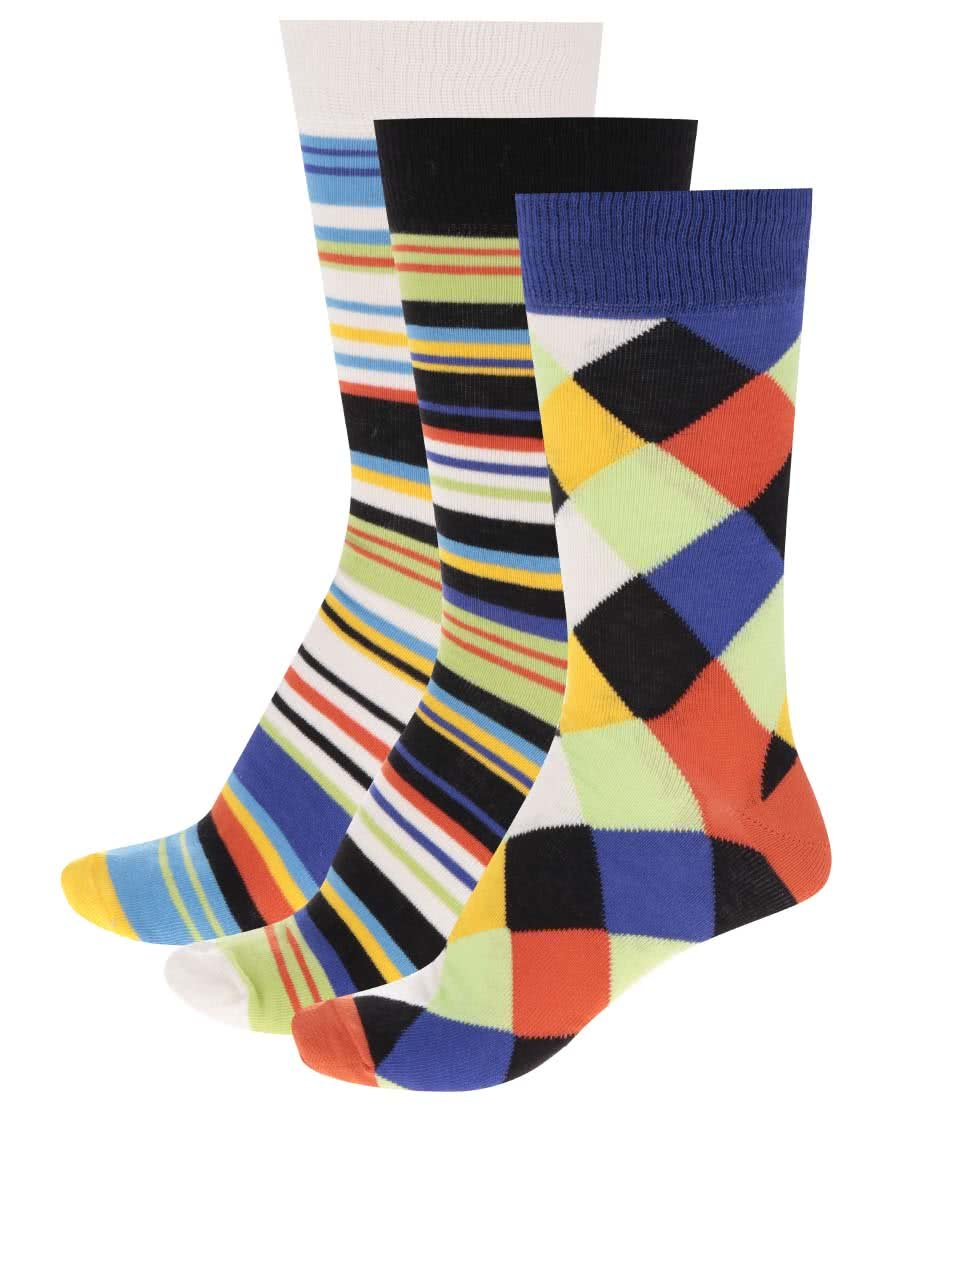 Sada tří unisex vzorovaných ponožek v modré a černé barvě Oddsocks Dylan